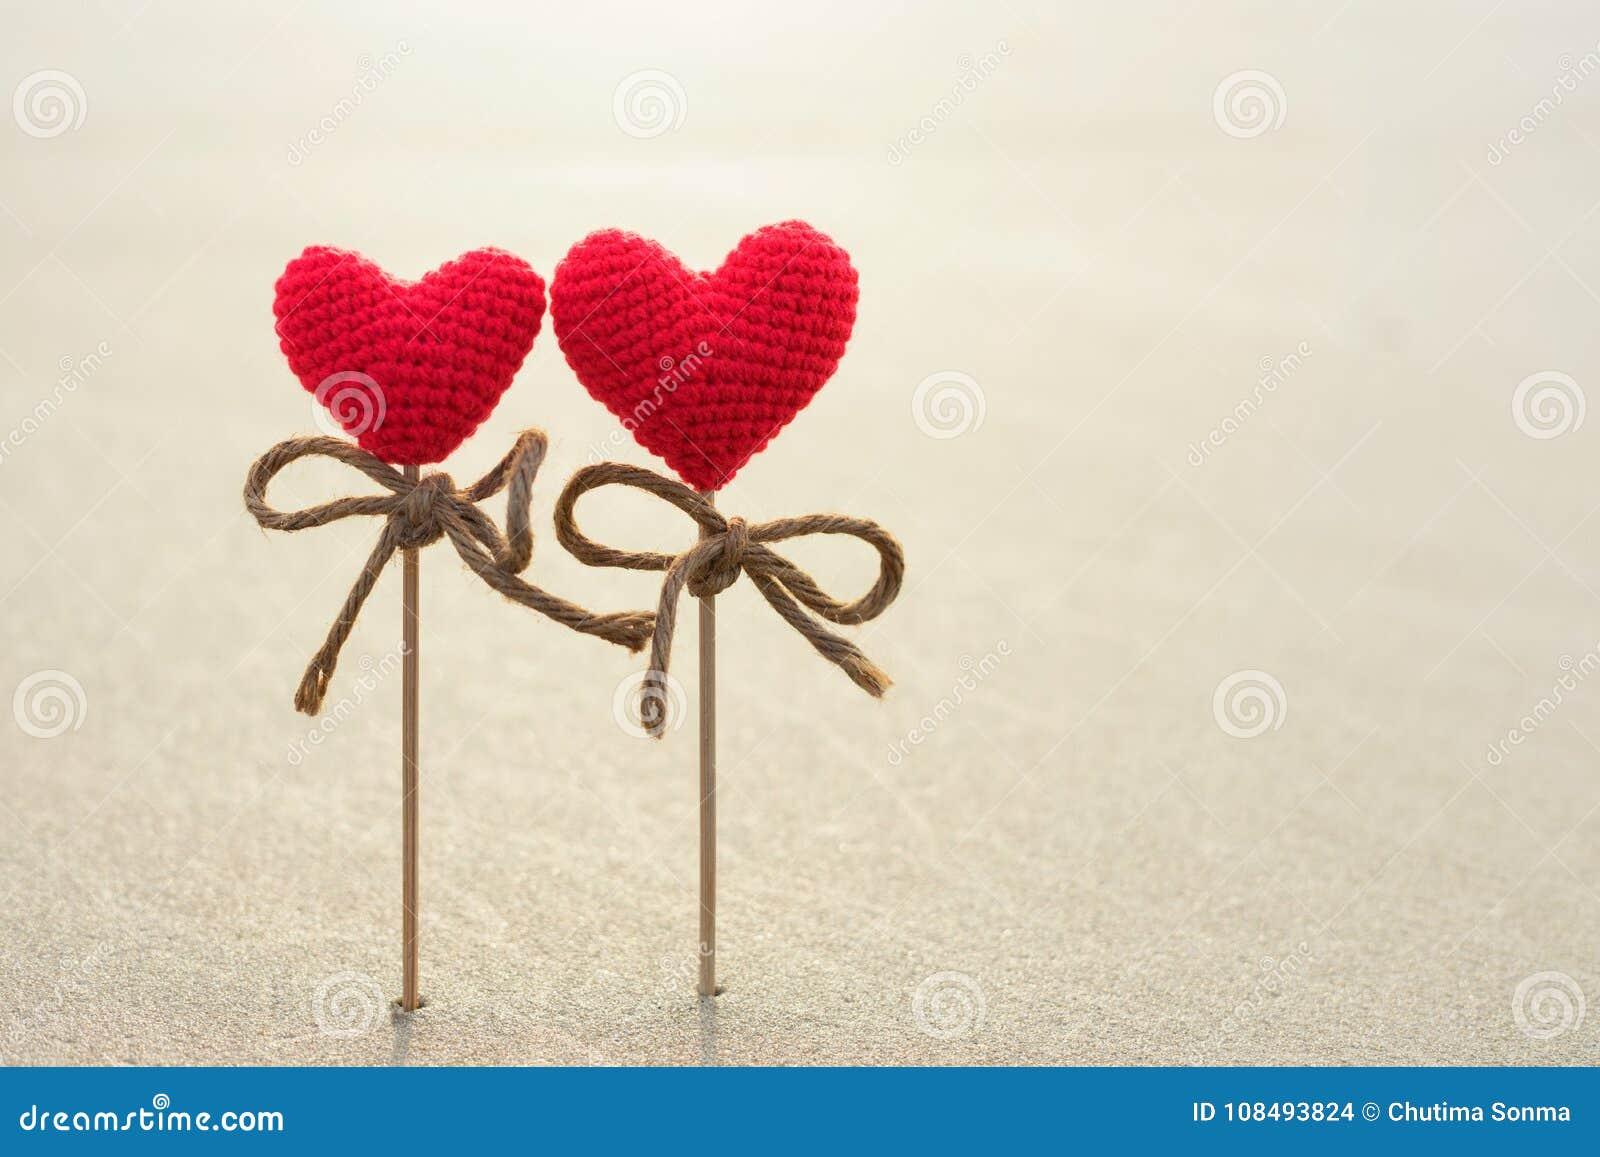 Símbolo romántico de dos corazones rojos en la superficie de la arena,